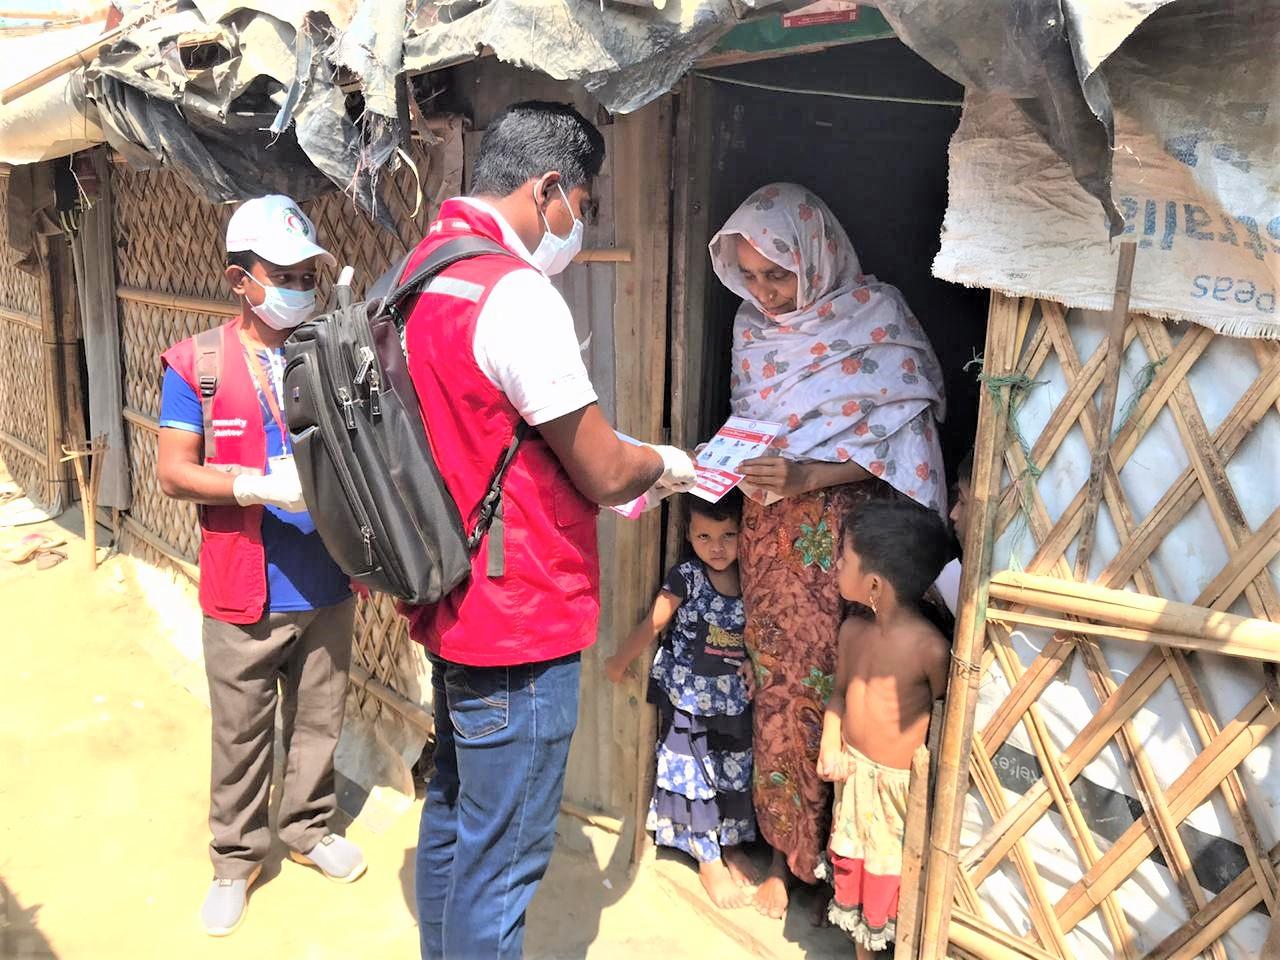 In tutto il mondo le attività delle Società di Croce Rossa e Mezzaluna Rossa mirano ad arginare e prevenire la trasmissione del coronavirus, a soccorrere le comunità colpite, a garantire l'accesso a servizi sociosanitari di base e ad attenuare l'impatto psicologico della pandemia sugli abitanti.